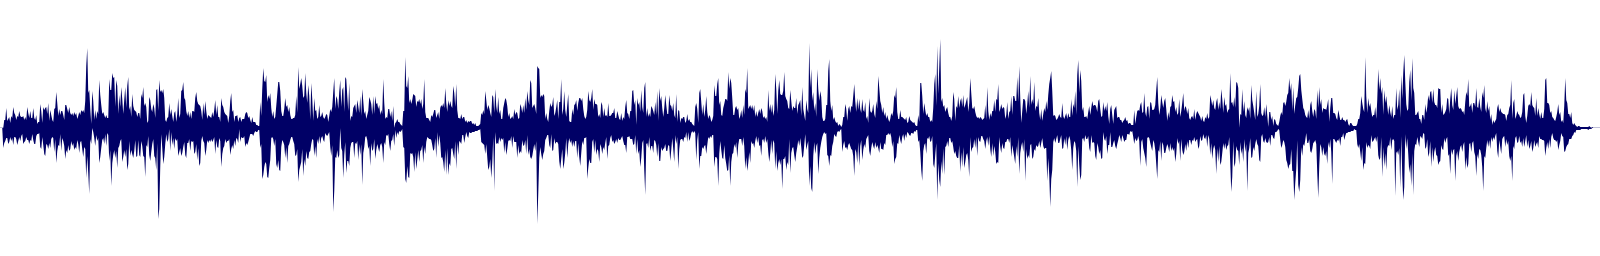 waveform of track #139405